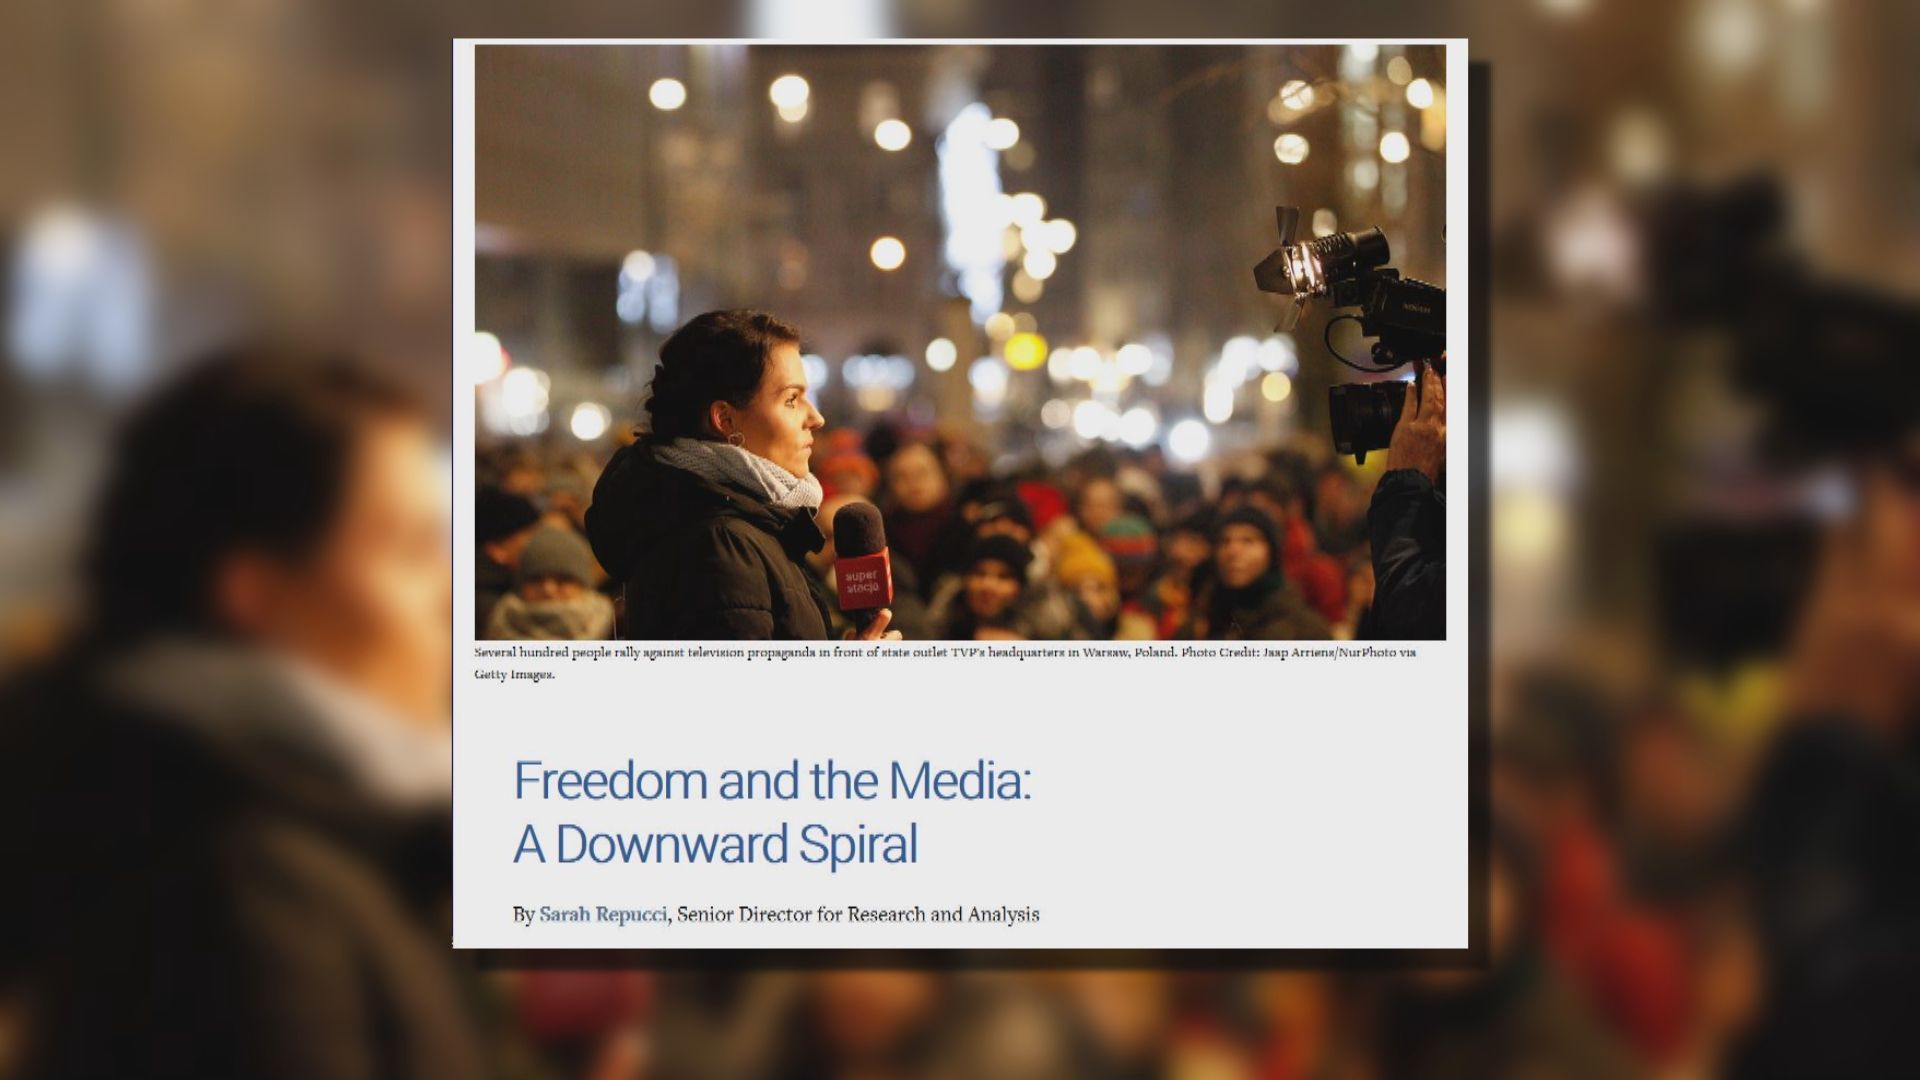 報告指全球新聞自由持續惡化